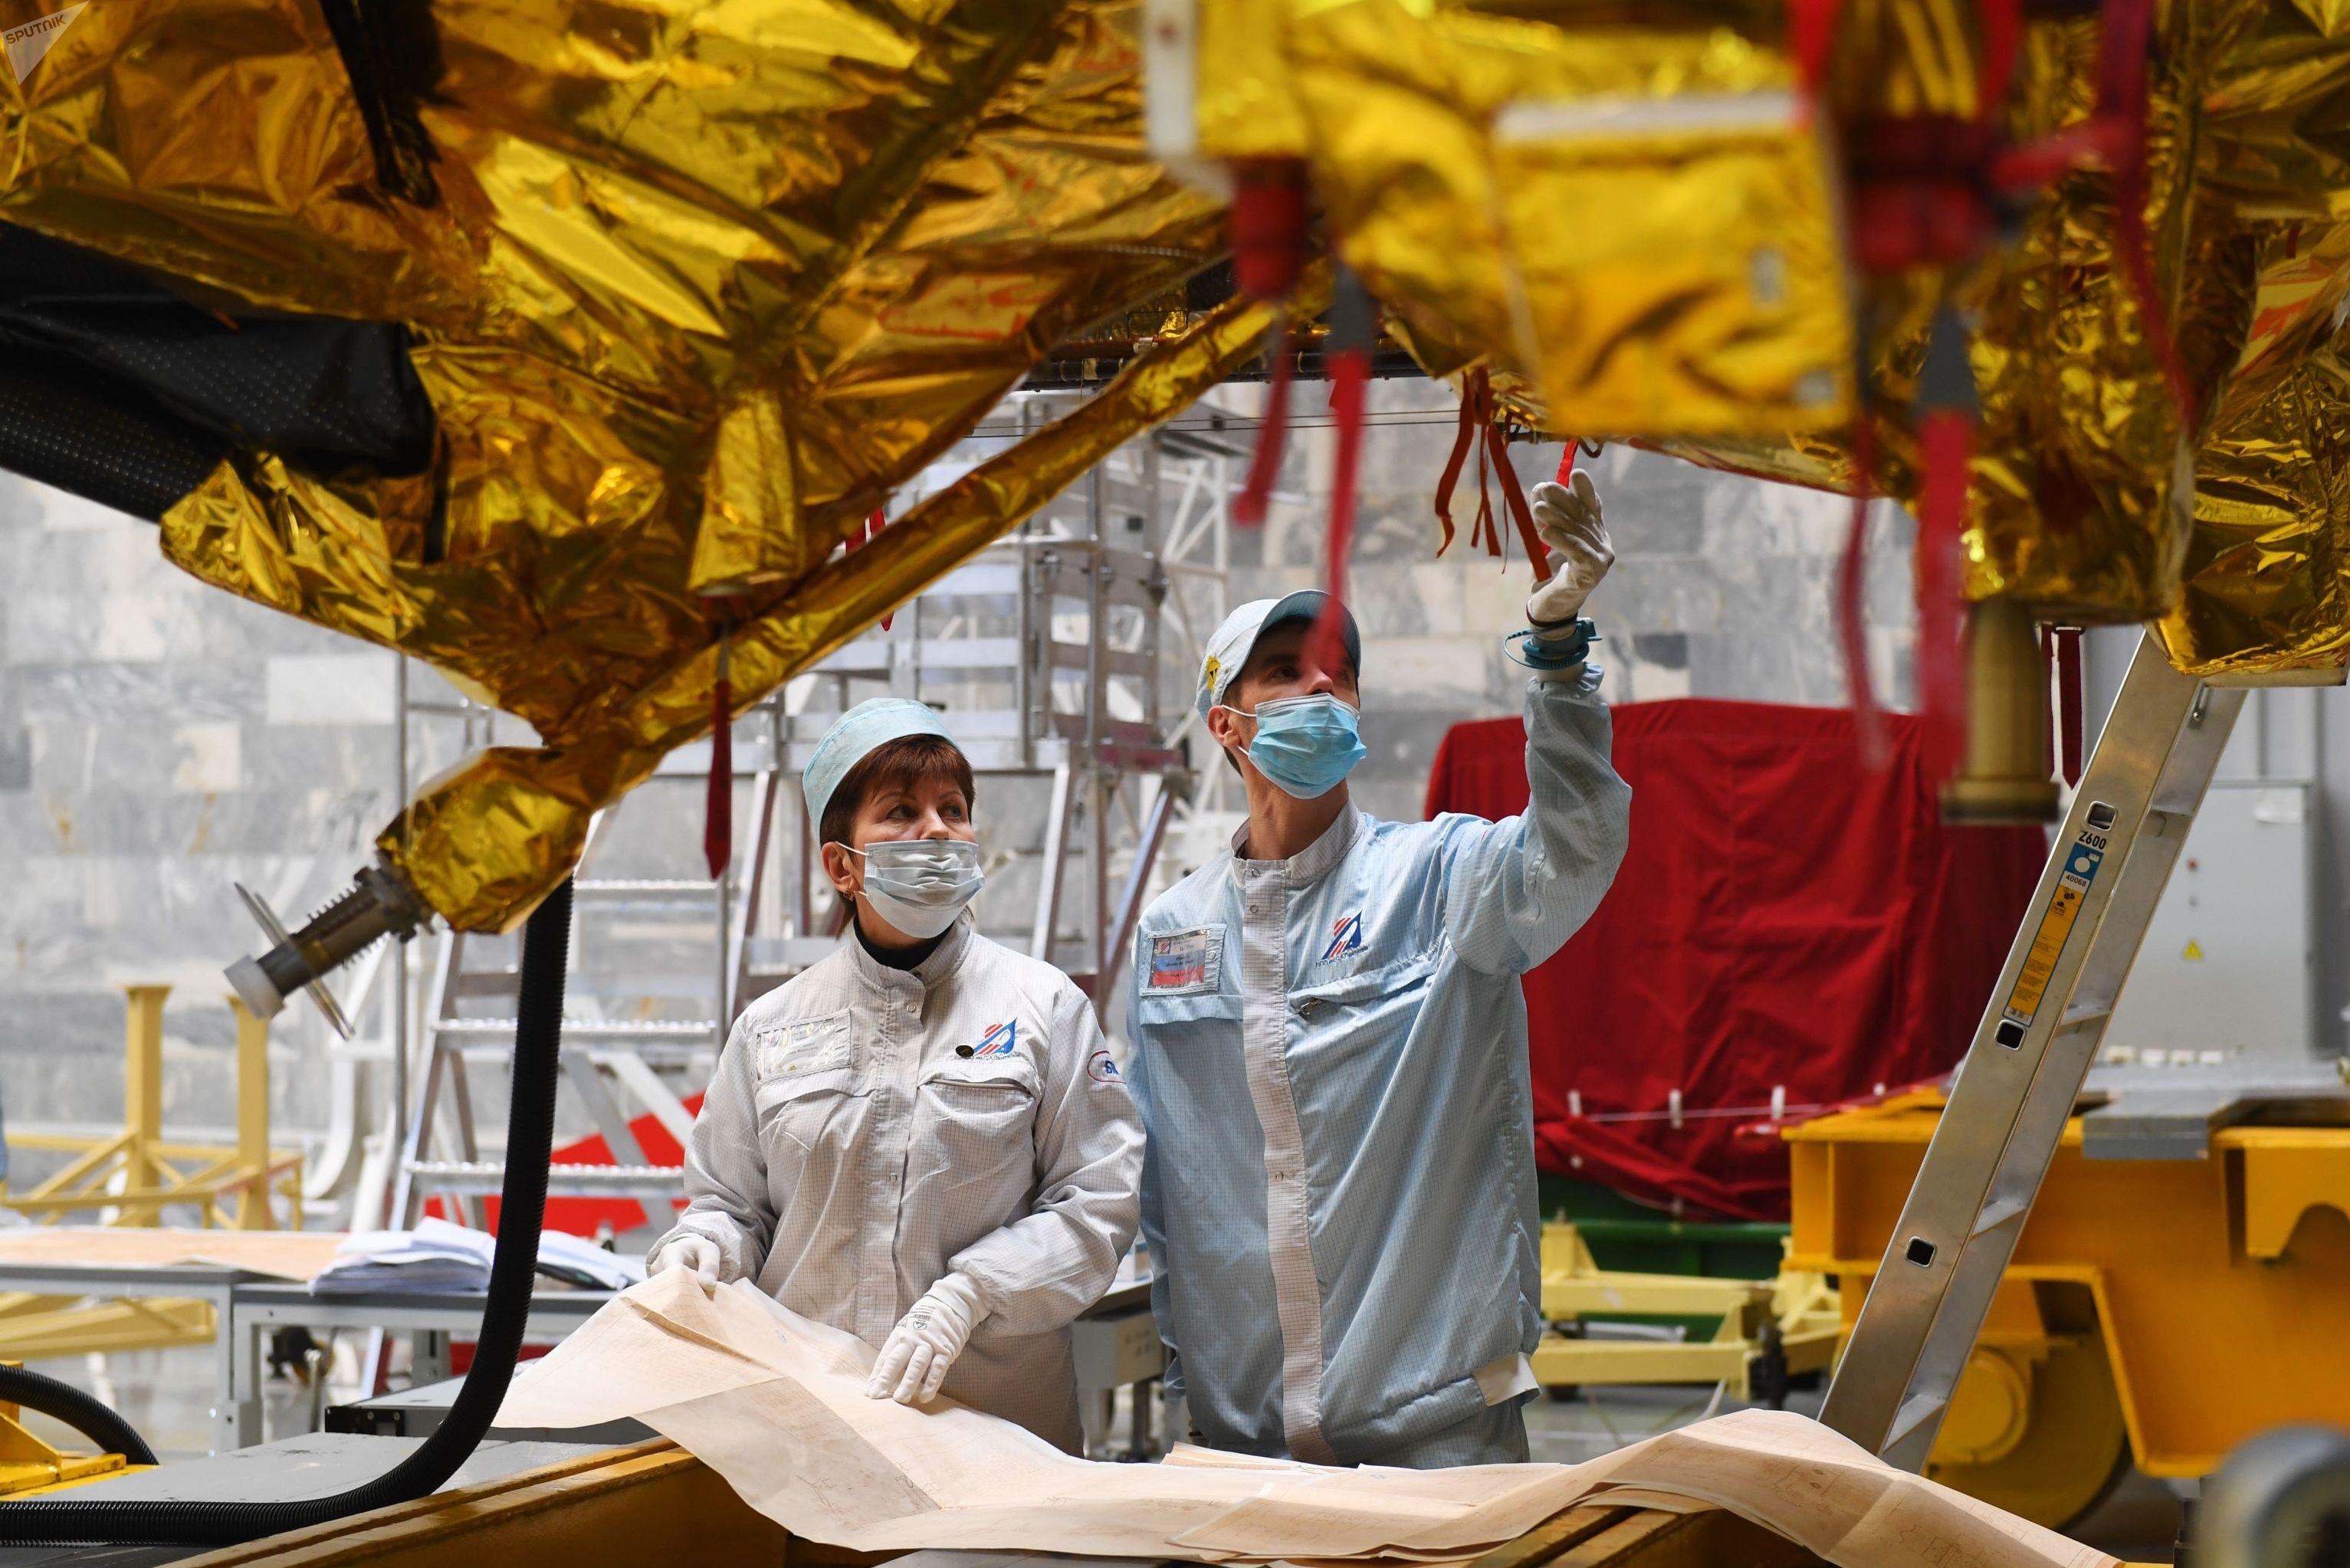 Pesquisadores do Instituto Lavochkin trabalham no telescópio Spektr-RG, antes do seu lançamento, em julho de 2019